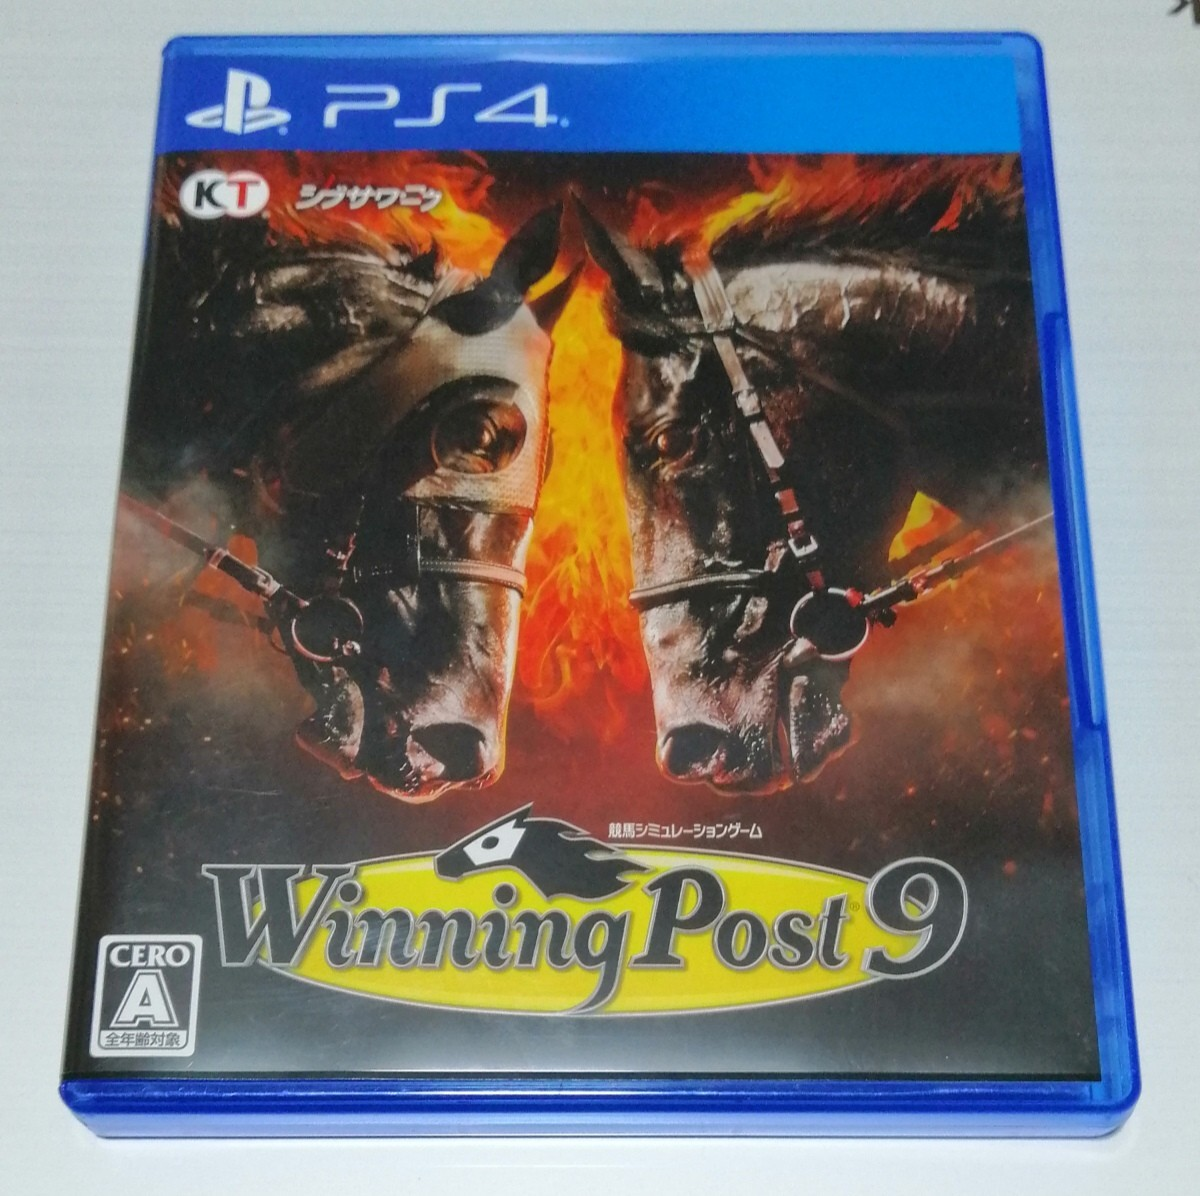 ウイニングポスト9 PS4ソフト